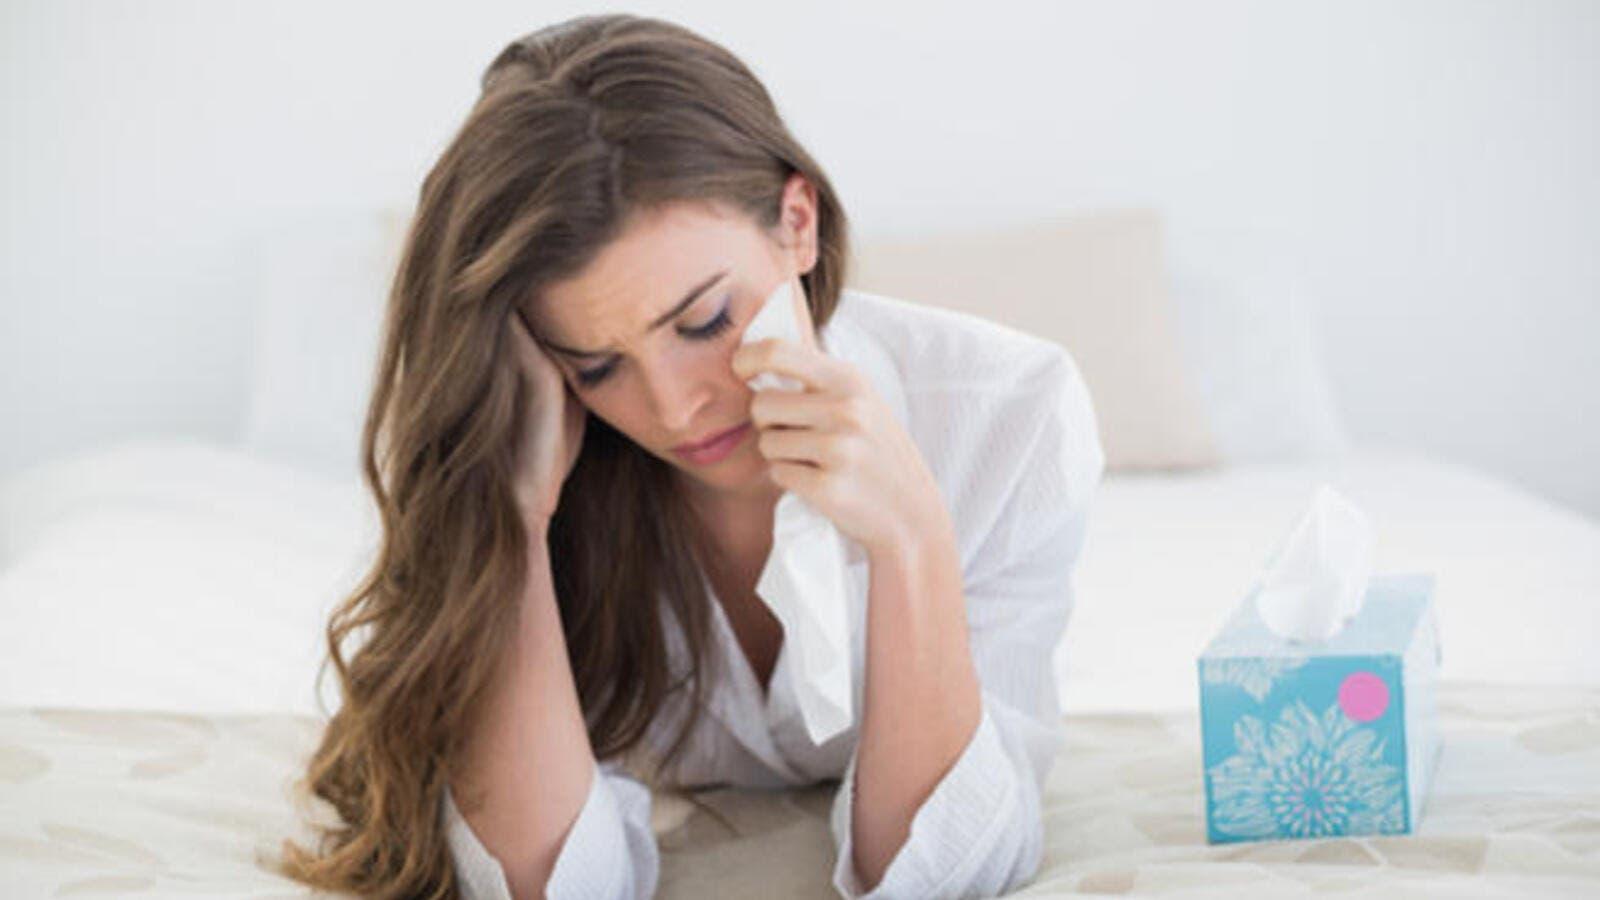 08173d266f95e 5 حقائق حول استئصال الرحم... تعرفي عليها!